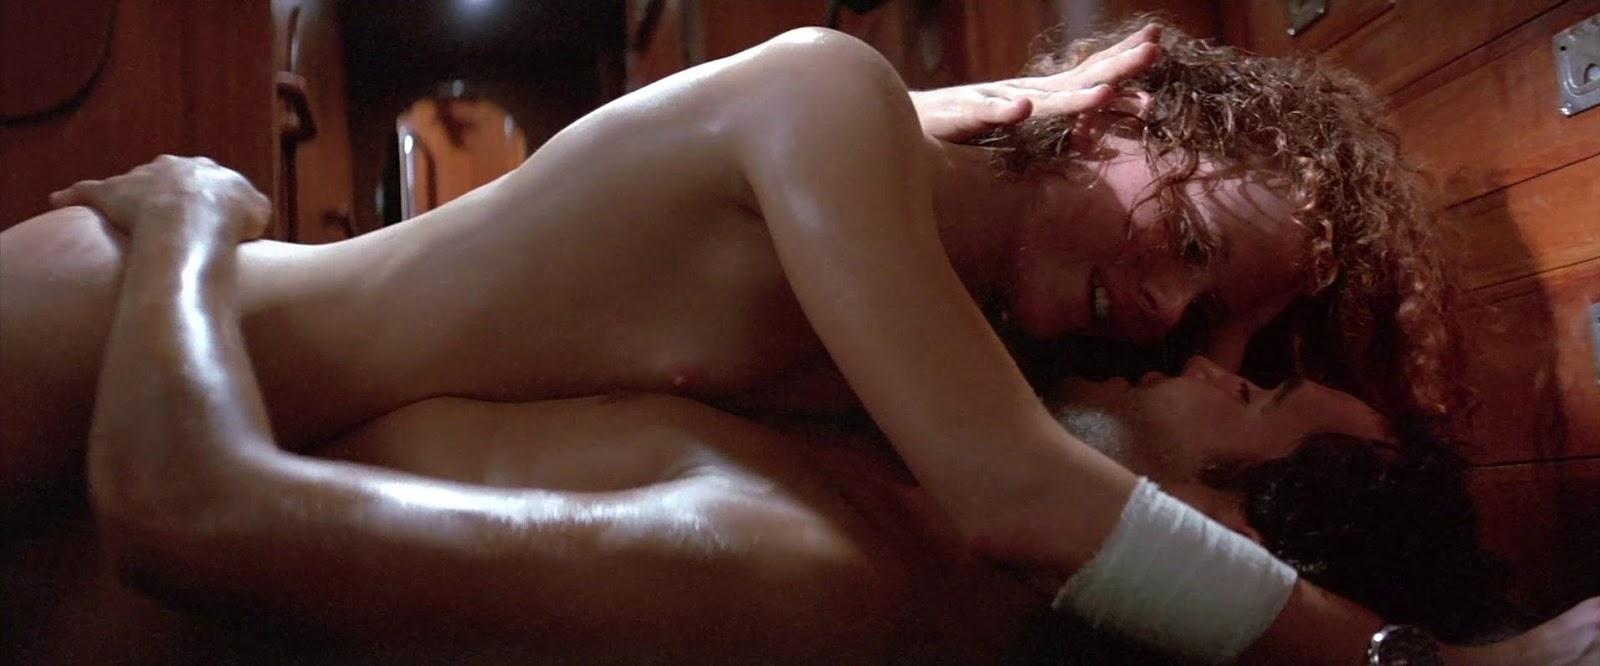 интимные сцены из худ фильмов ролики порно фото голые